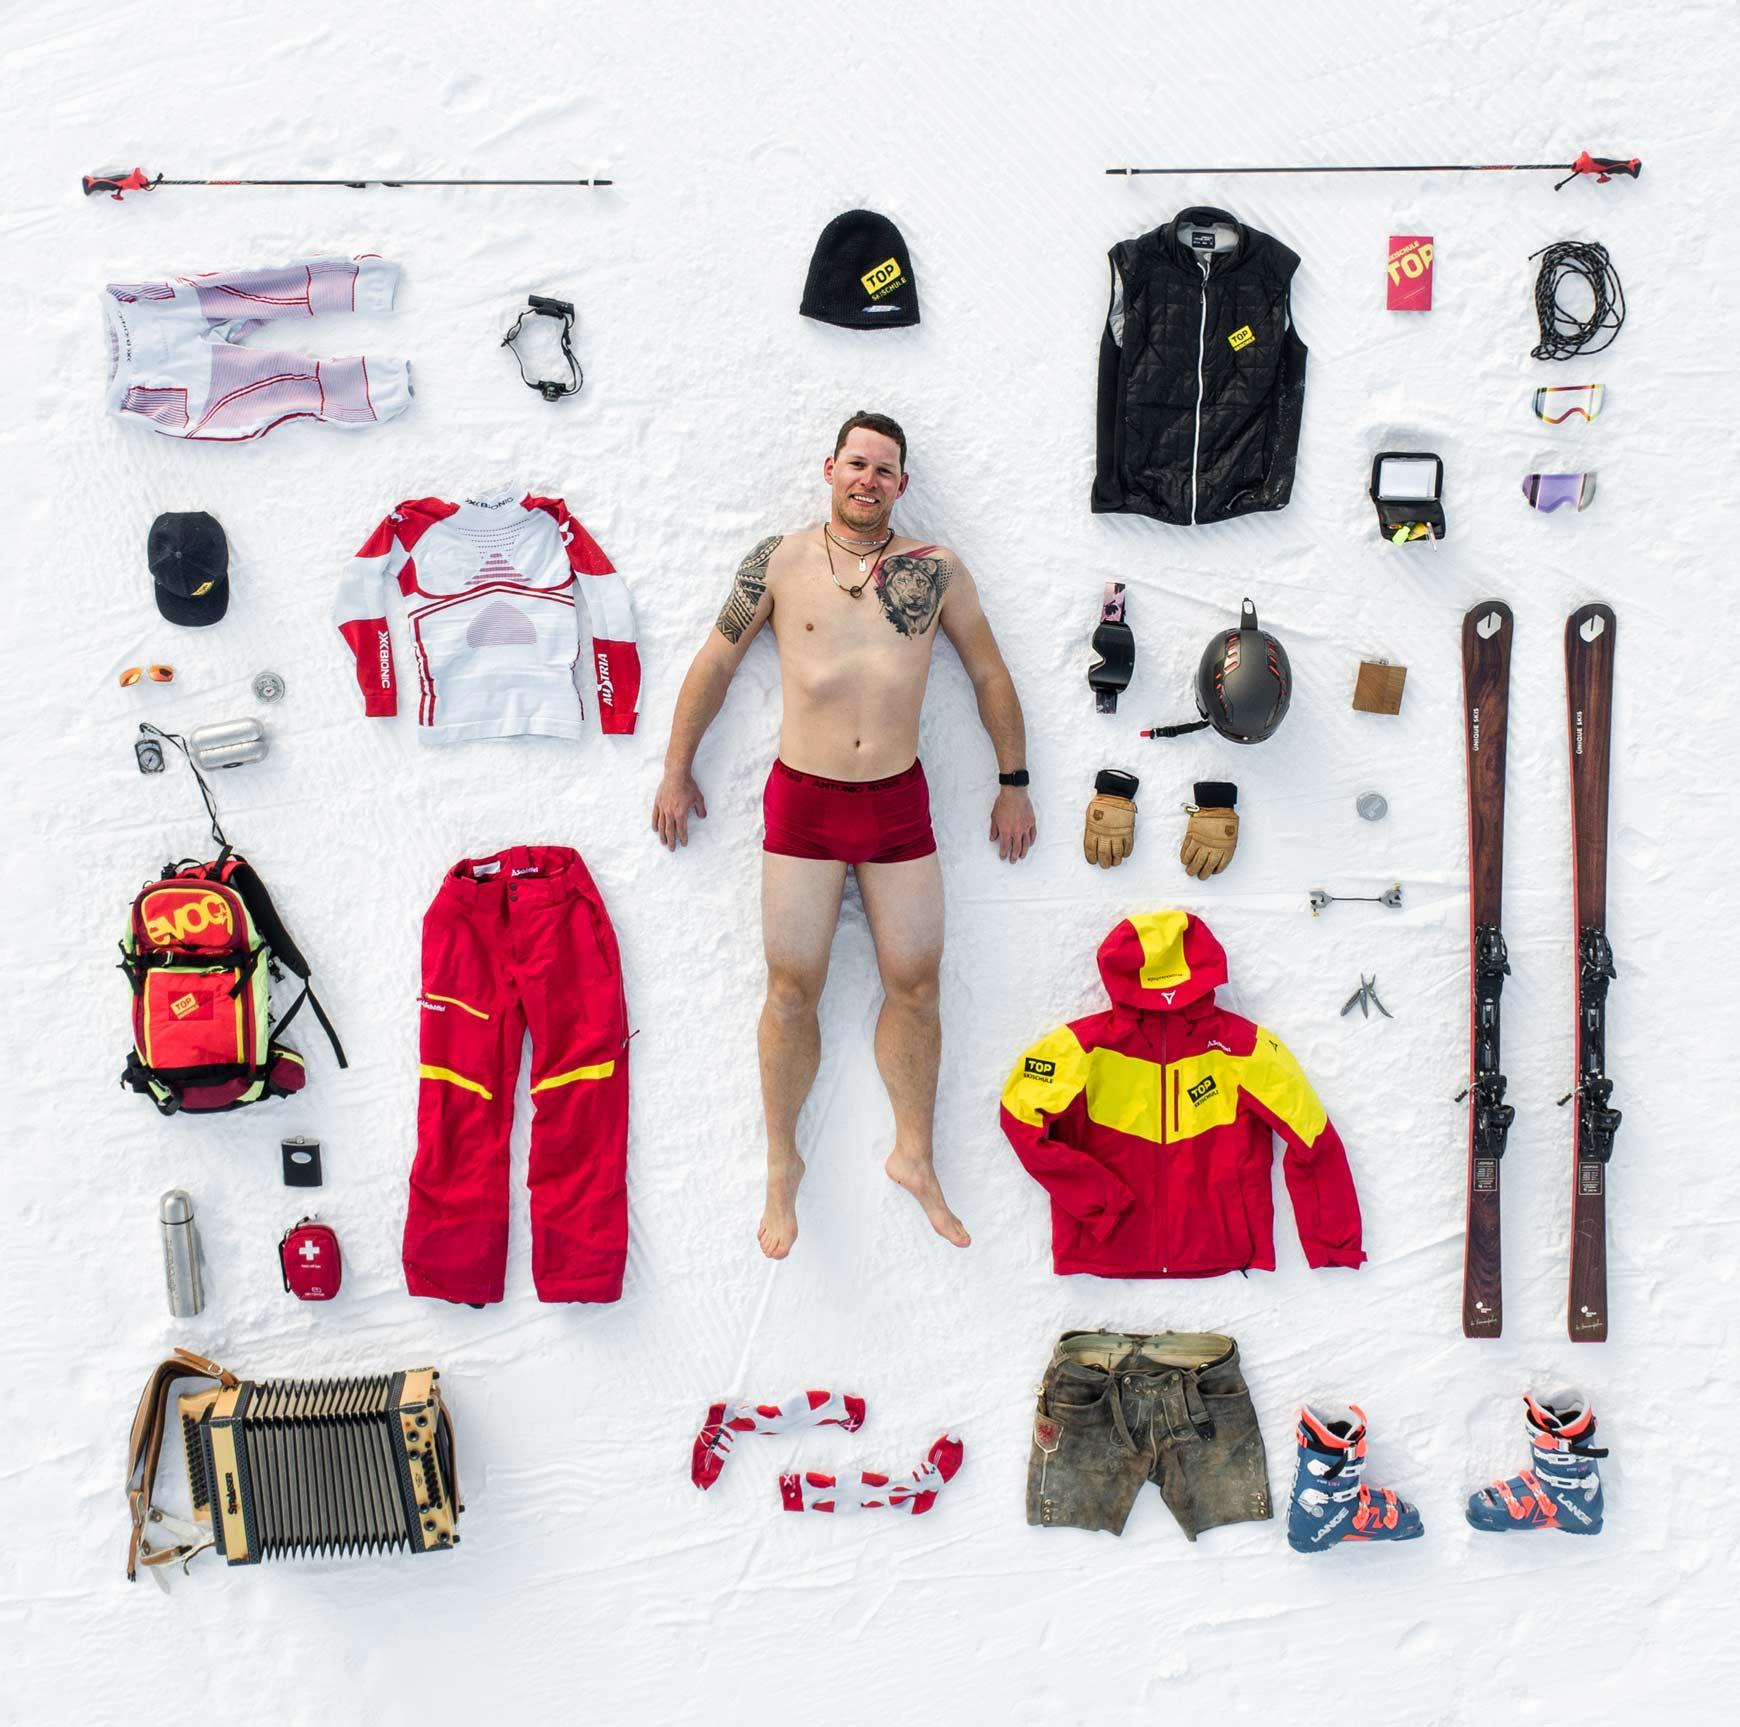 Die Ausrüstung eines Skilehrers auf der Skipiste angeordnet.